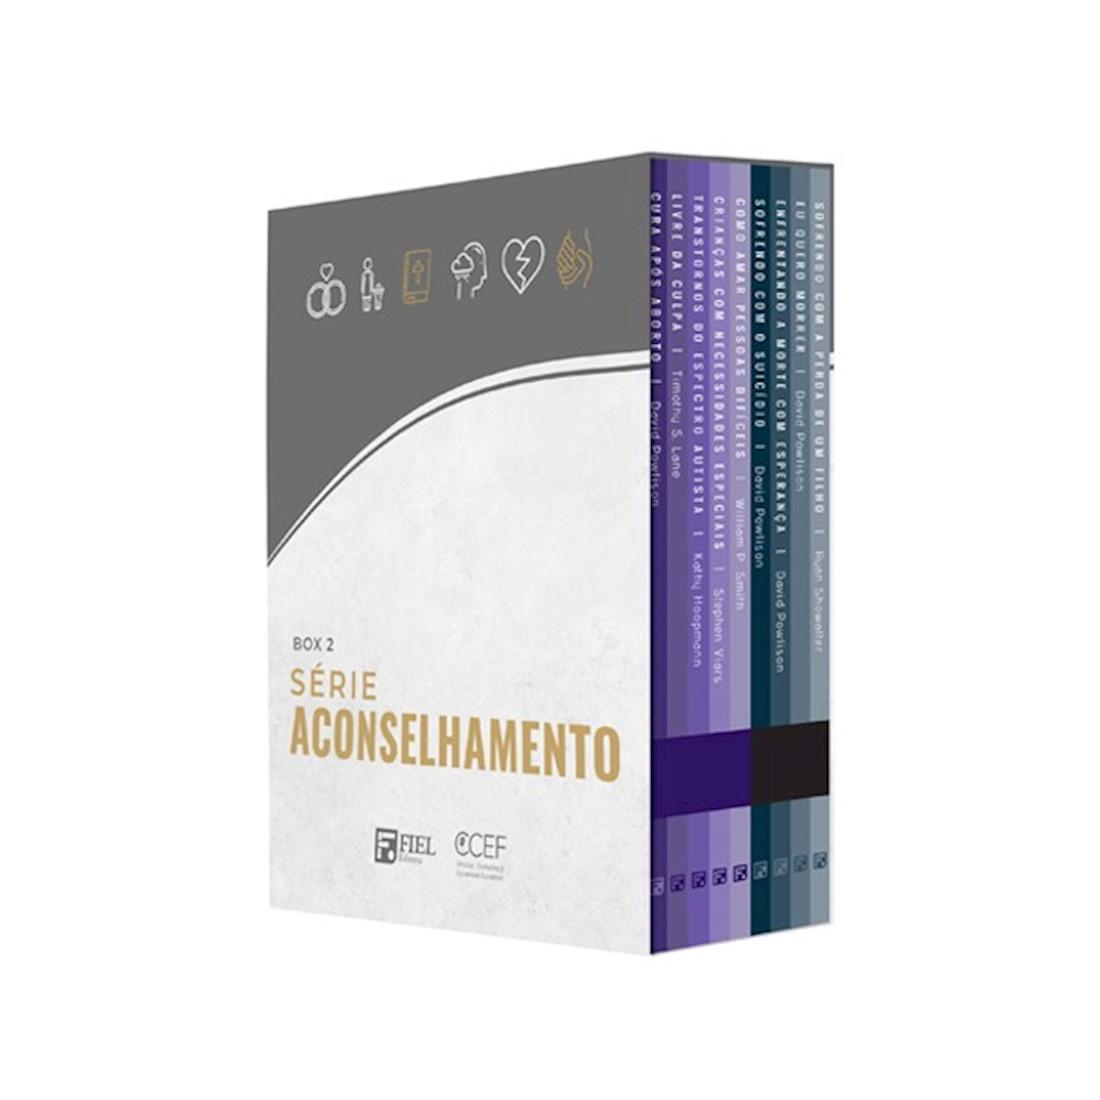 Livro Box 2: Série Aconselhamento (Nº 10 ao Nº 18)